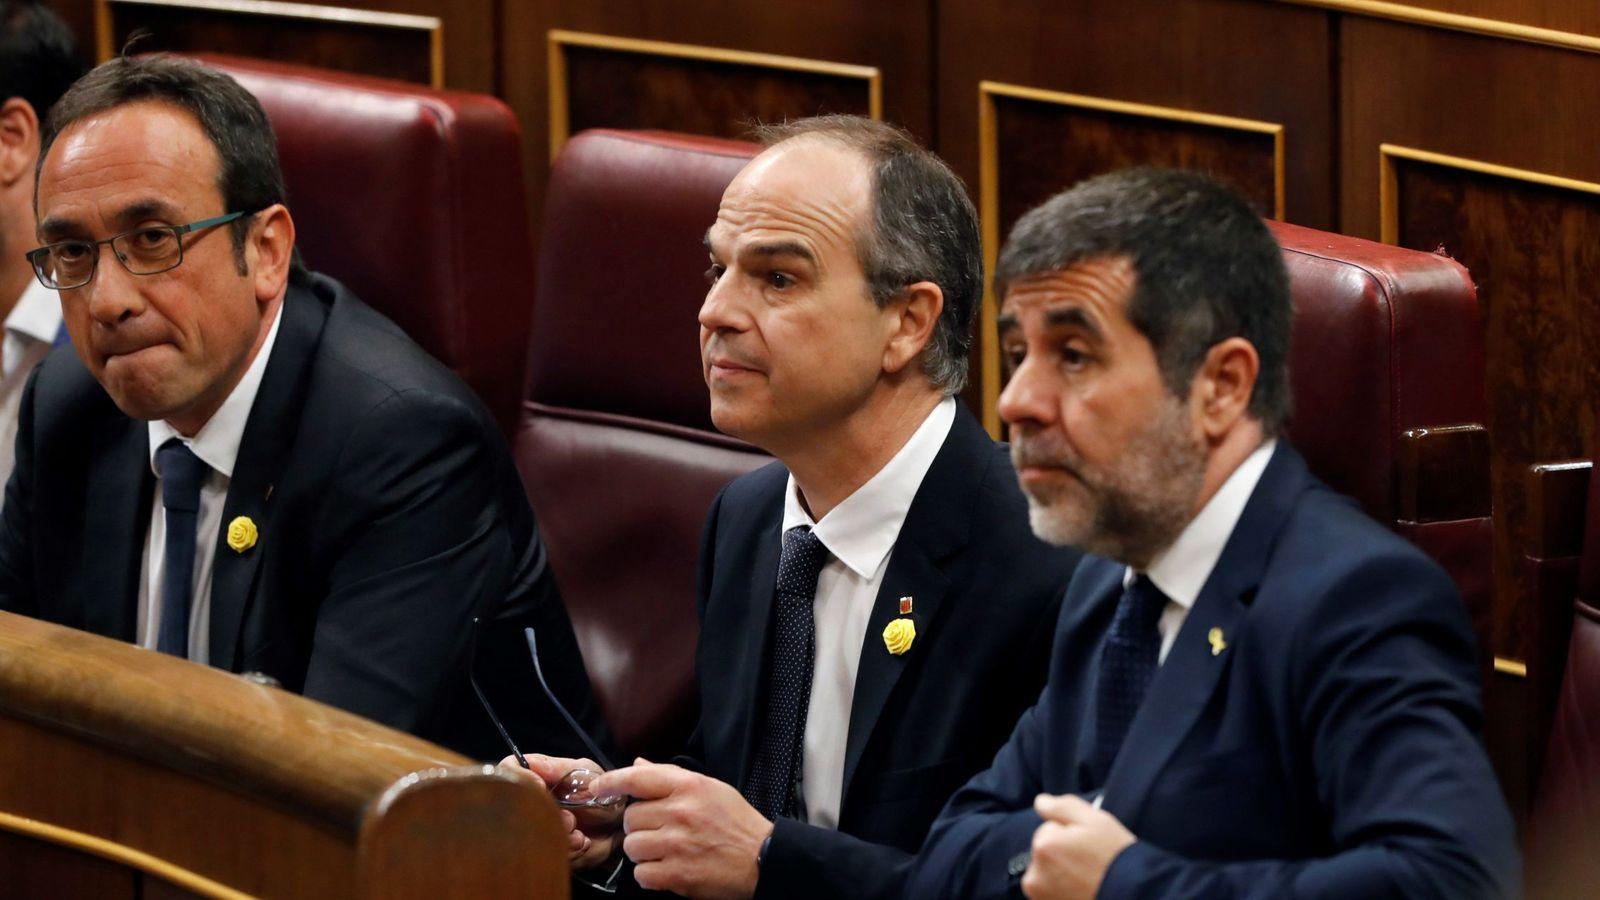 Foto: Josep Rull (i), Jordi Turull (c) y Jordi Sànchez, el pasado 21 de mayo en la sesión constitutiva del Congreso de la XIII Legislatura. (EFE)